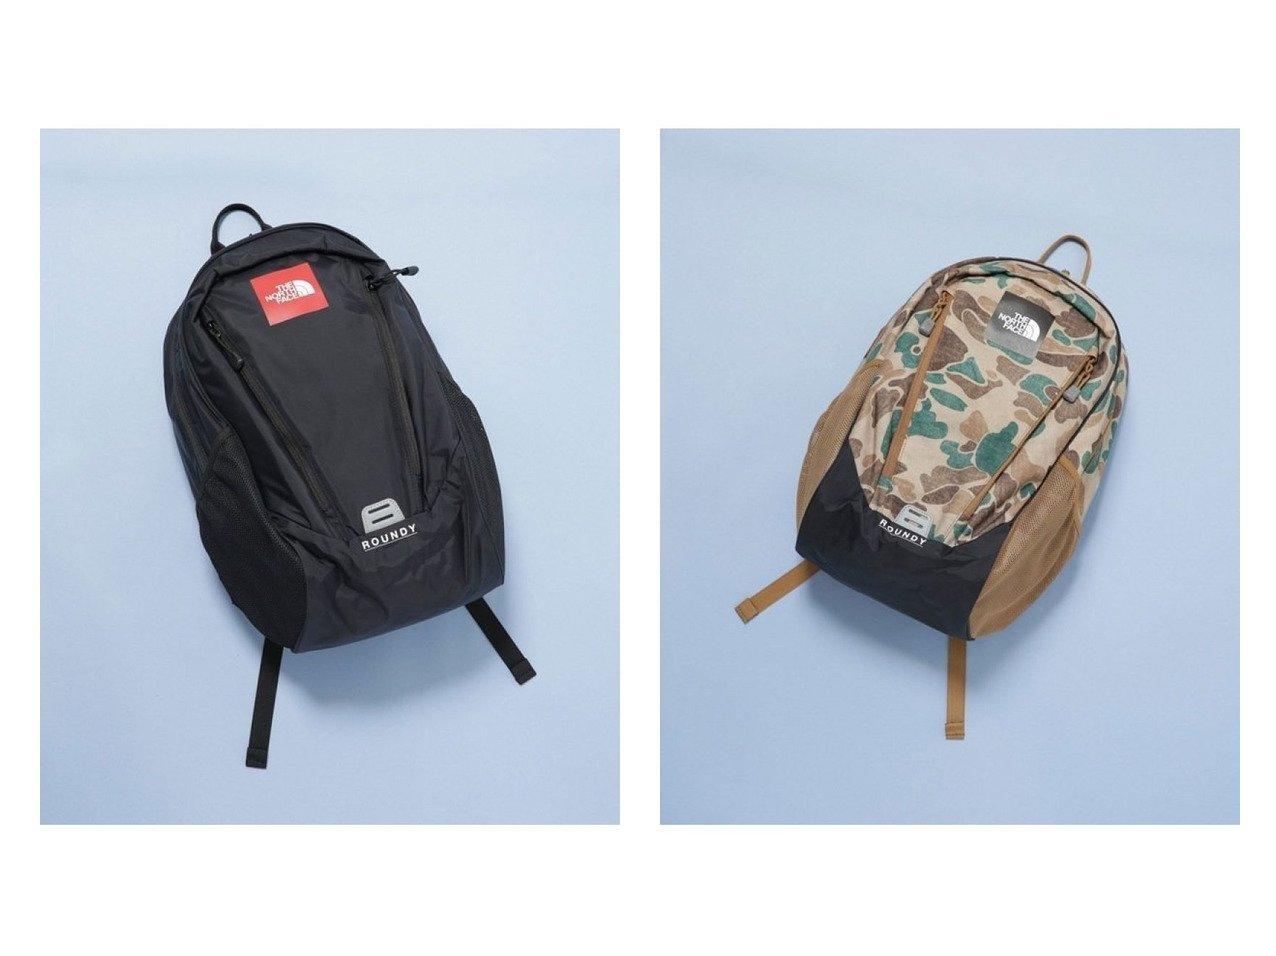 【THE NORTH FACE/ザ ノース フェイス】のK Roundy バッグ・鞄のおすすめ!人気、トレンド・レディースファッションの通販 おすすめで人気の流行・トレンド、ファッションの通販商品 メンズファッション・キッズファッション・インテリア・家具・レディースファッション・服の通販 founy(ファニー) https://founy.com/ ファッション Fashion レディースファッション WOMEN バッグ Bag アウトドア ショルダー ダブル フィット フロント ポケット メッシュ ランニング リュック |ID:crp329100000013699